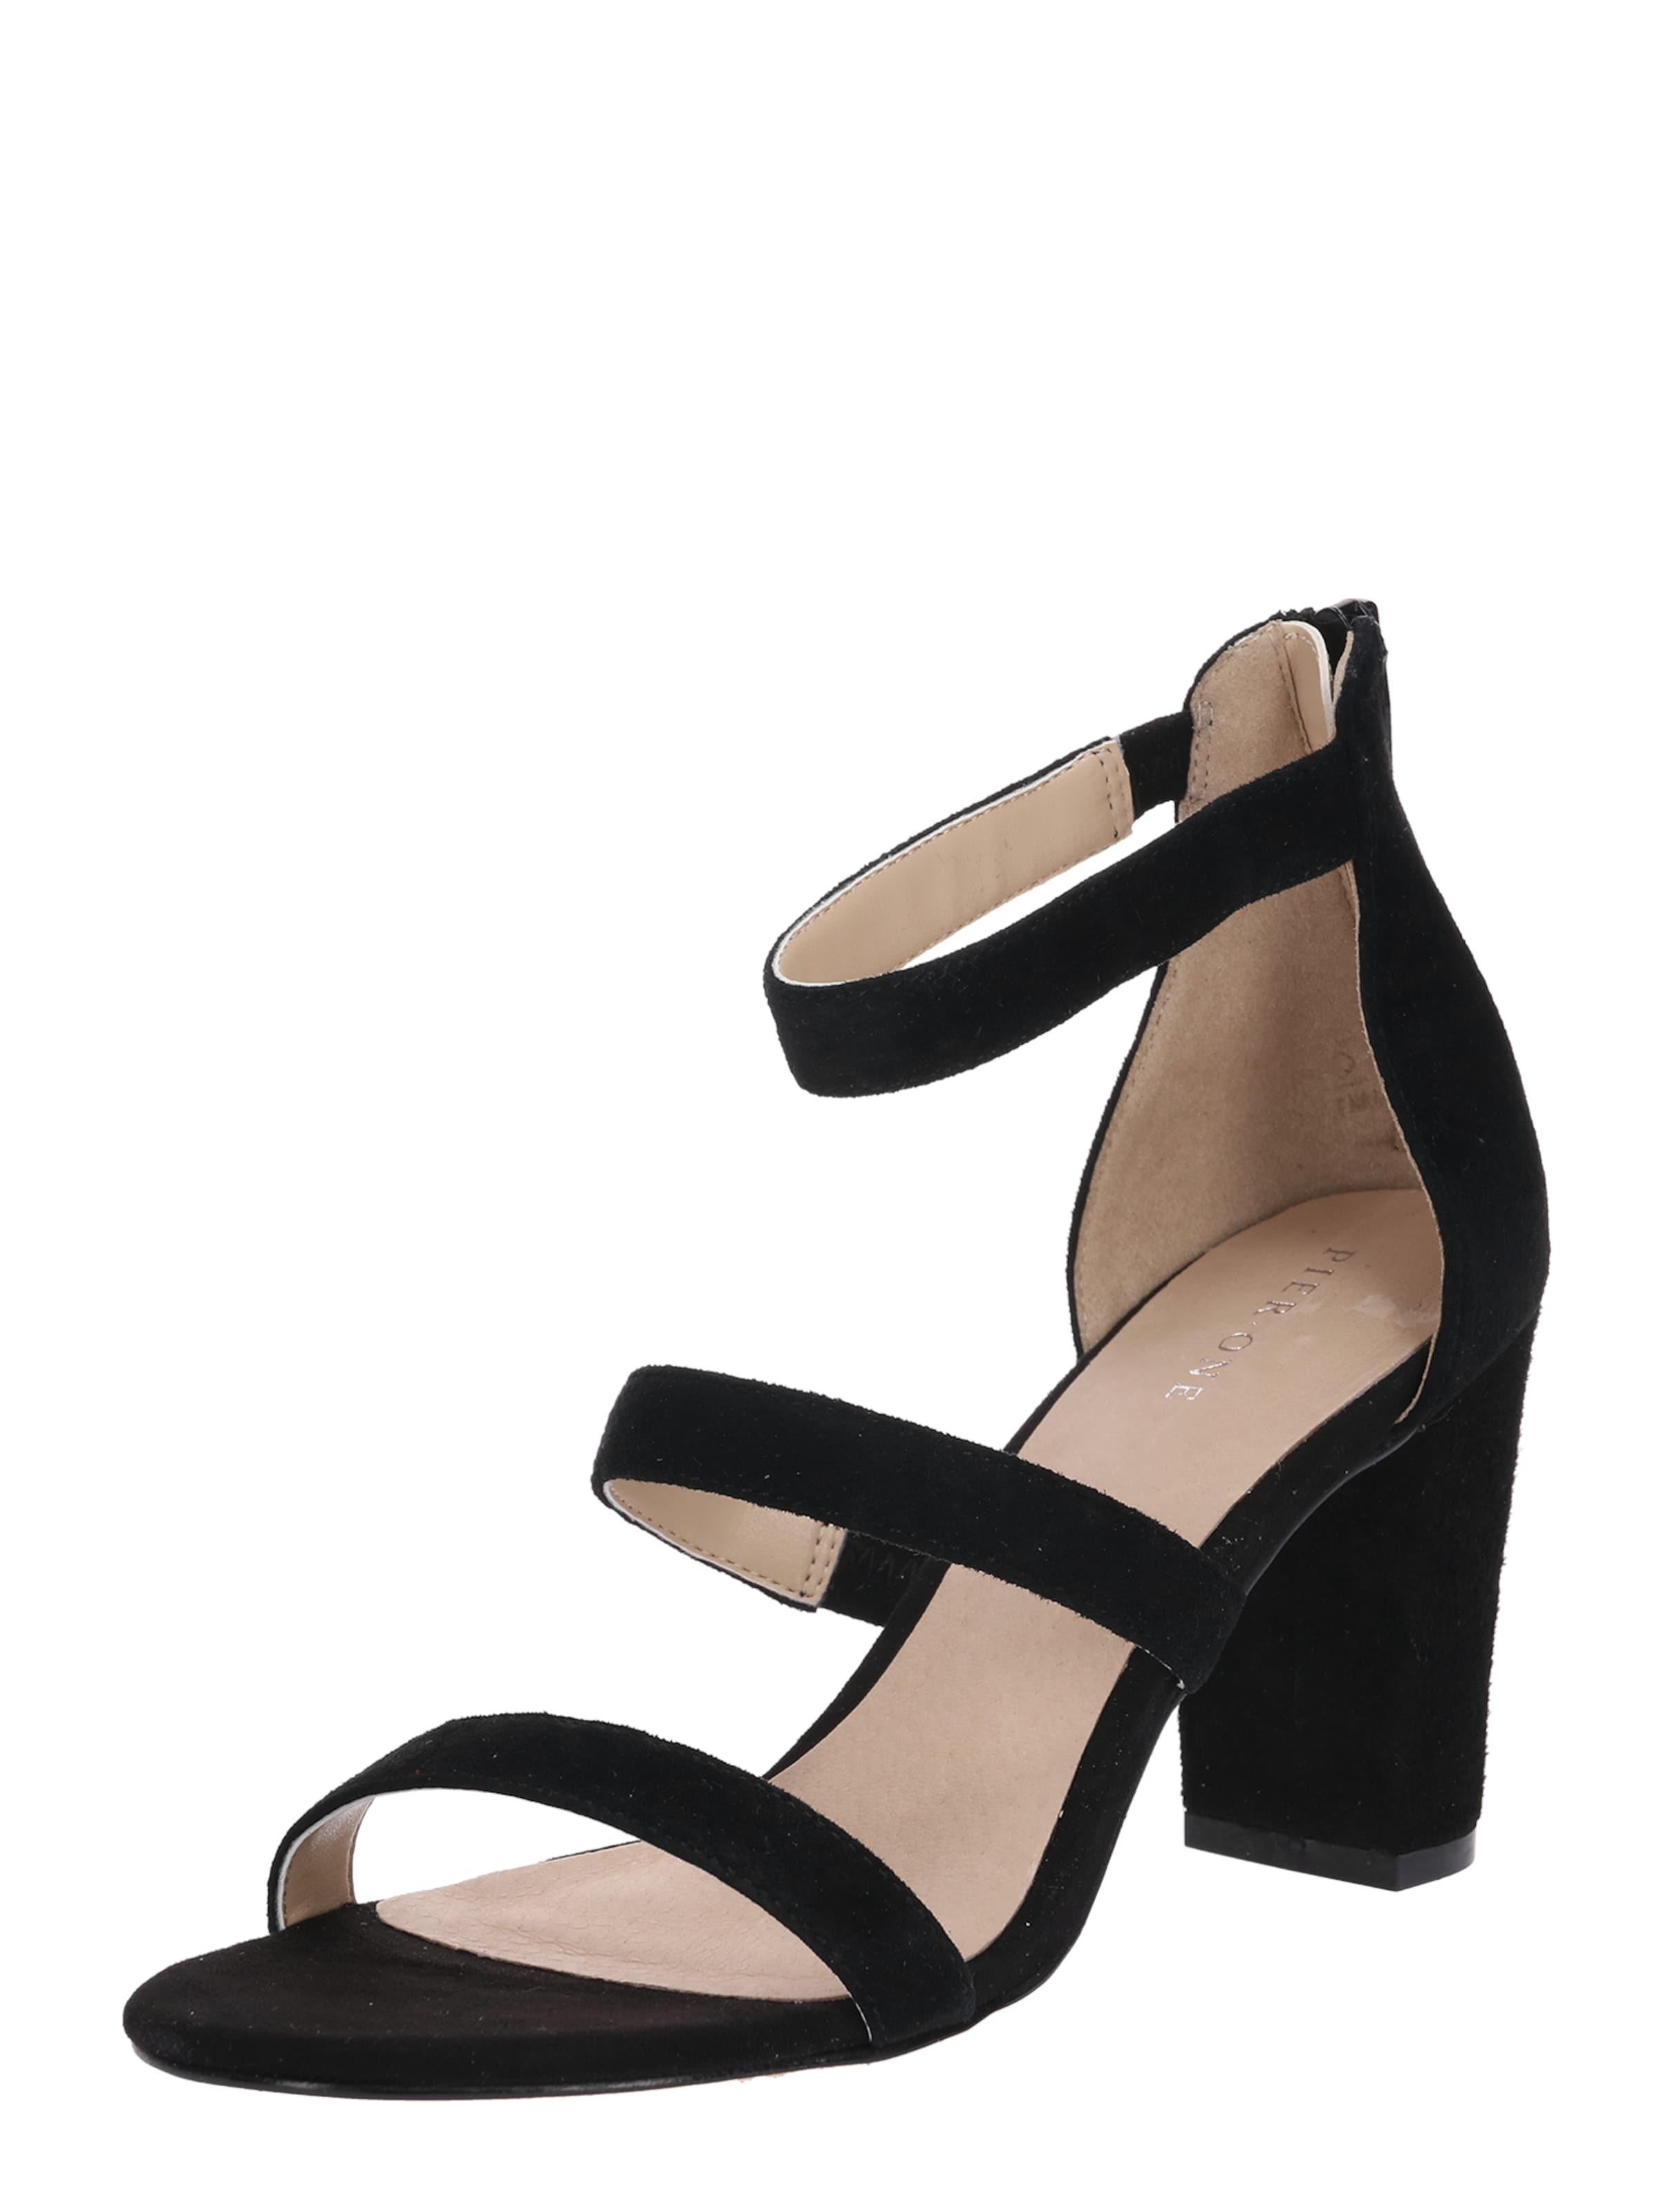 Pier One Sandalette Verschleißfeste billige Schuhe